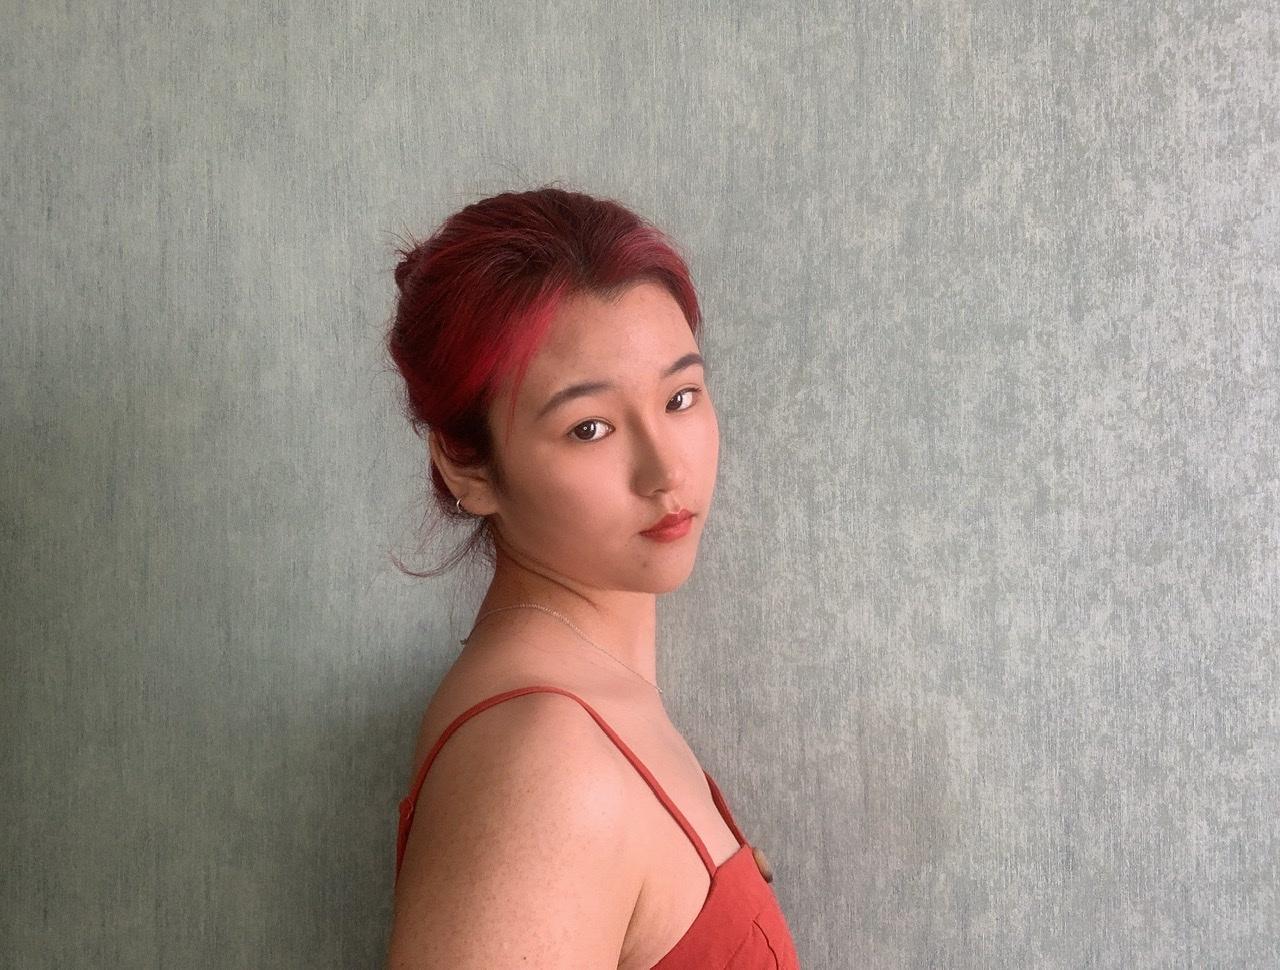 宁波家教冯教员